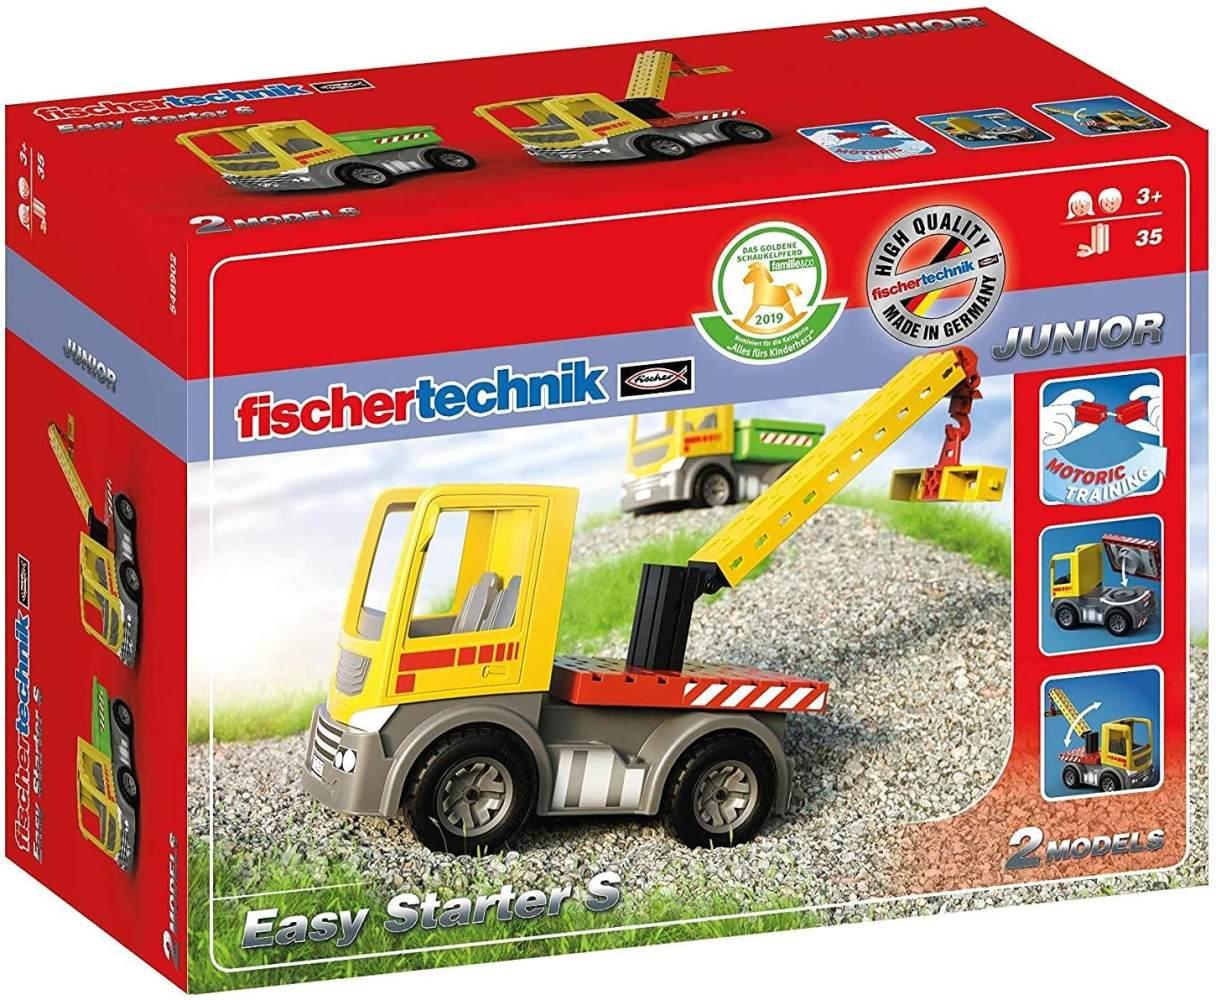 fischertechnik Easy Starter S - Spielzeug LKW für Kinder ab 3 Jahre - das Lieblingsthema Lastwagen für Zuhause aber auch im Außenbereich - 2 Modelle - Muldenkipper & Bauplatte mit Kran Bild 1